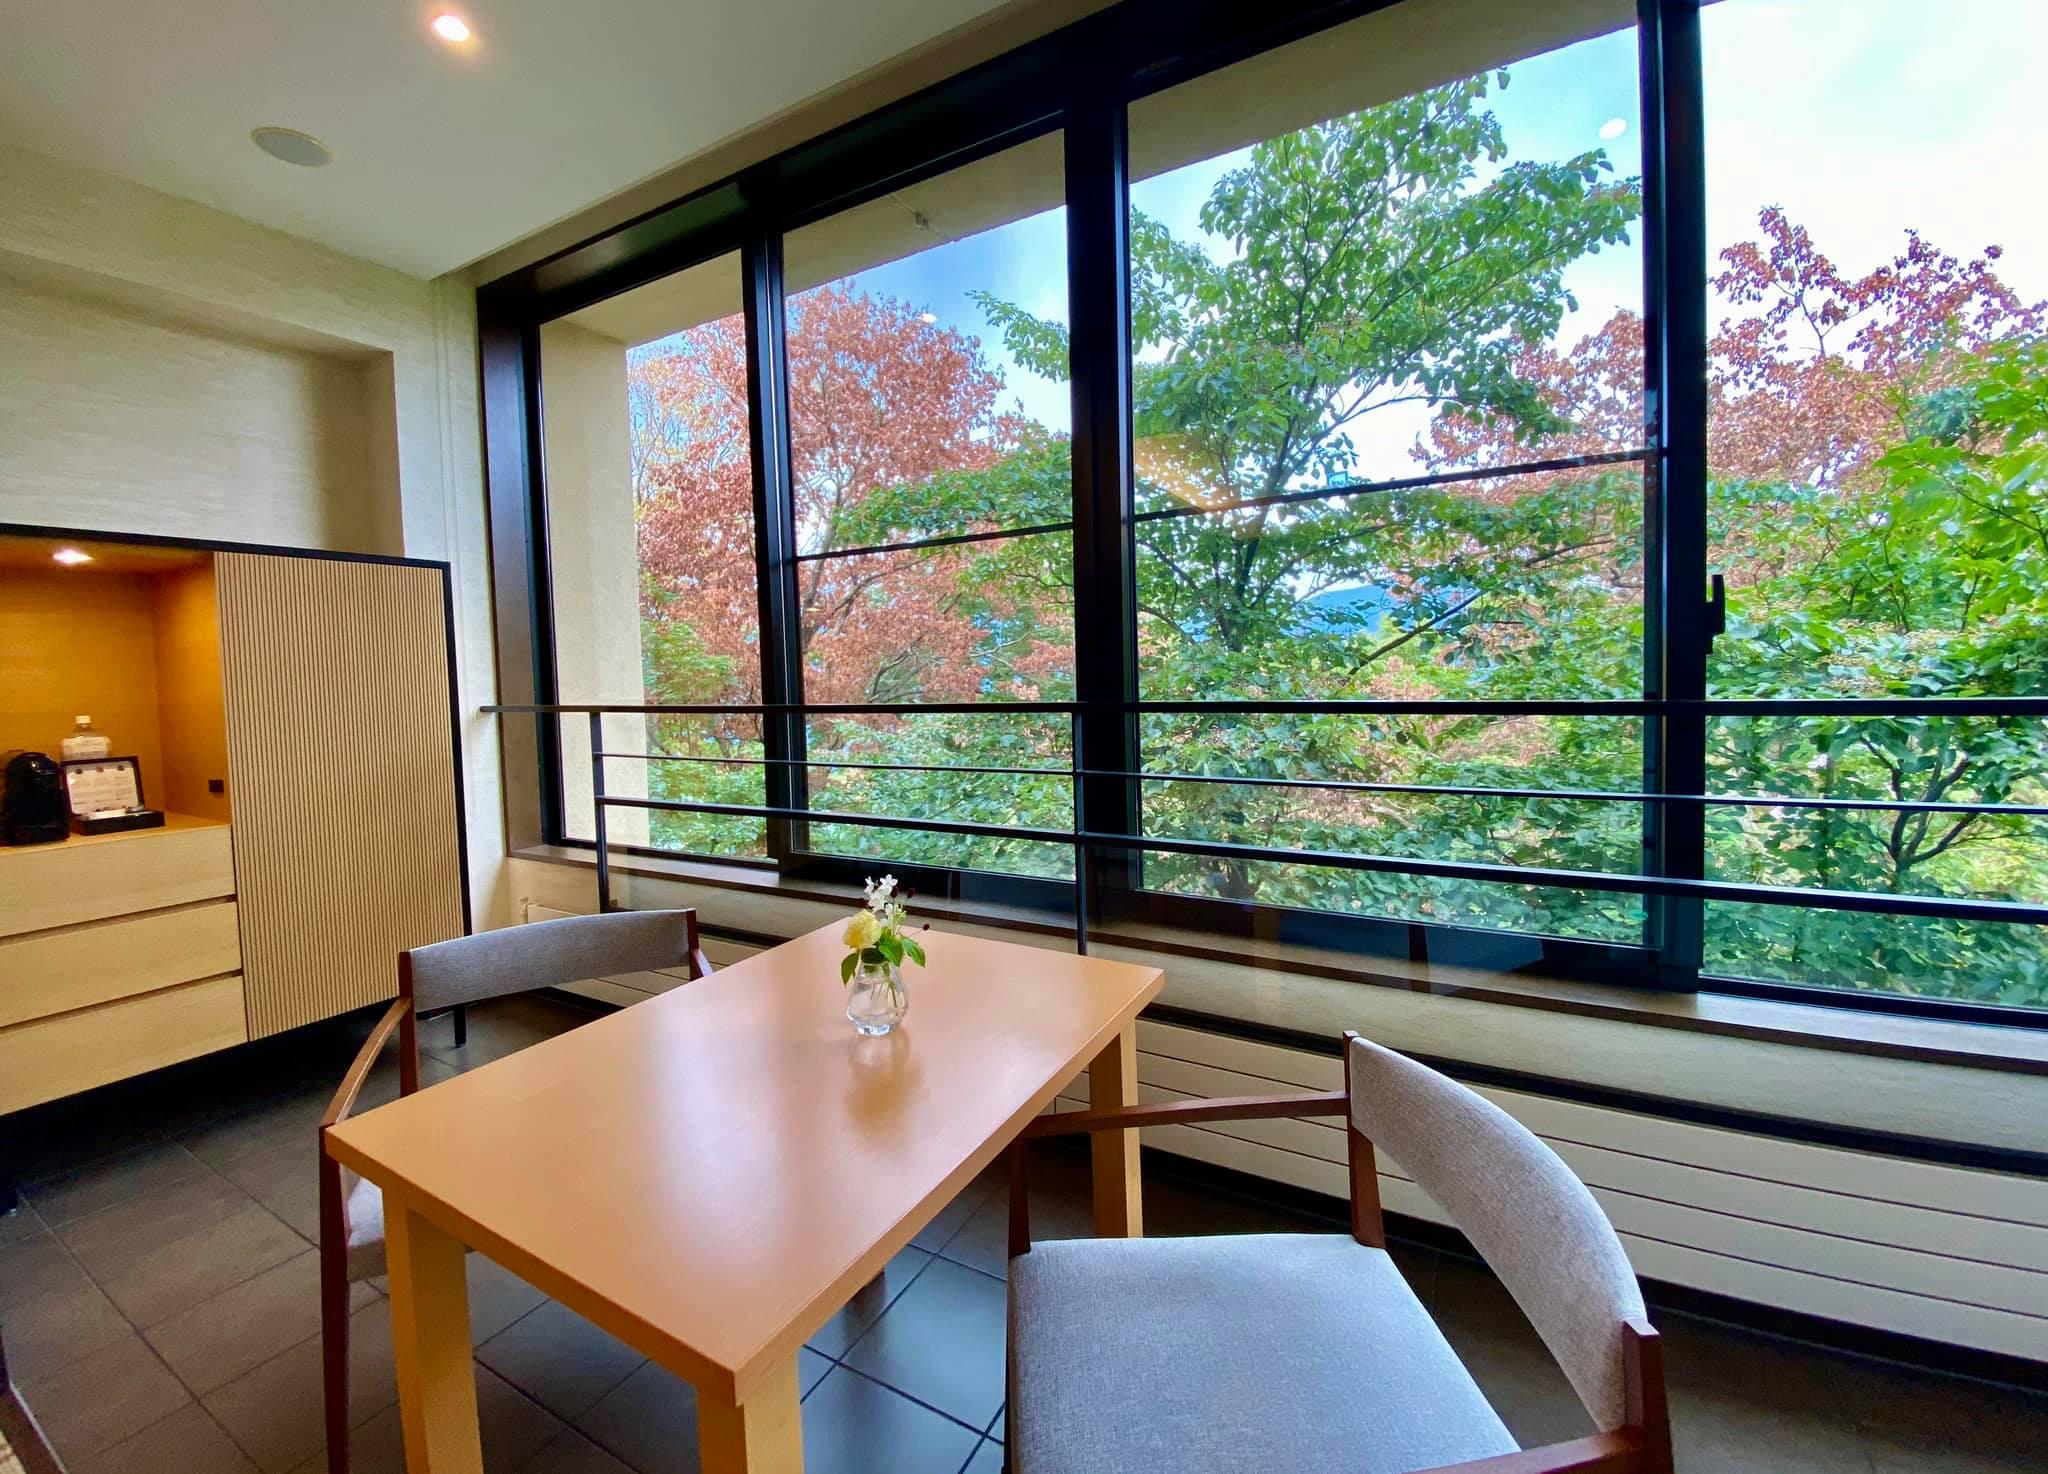 Suite at the Hyatt Regency Hakone in Japan